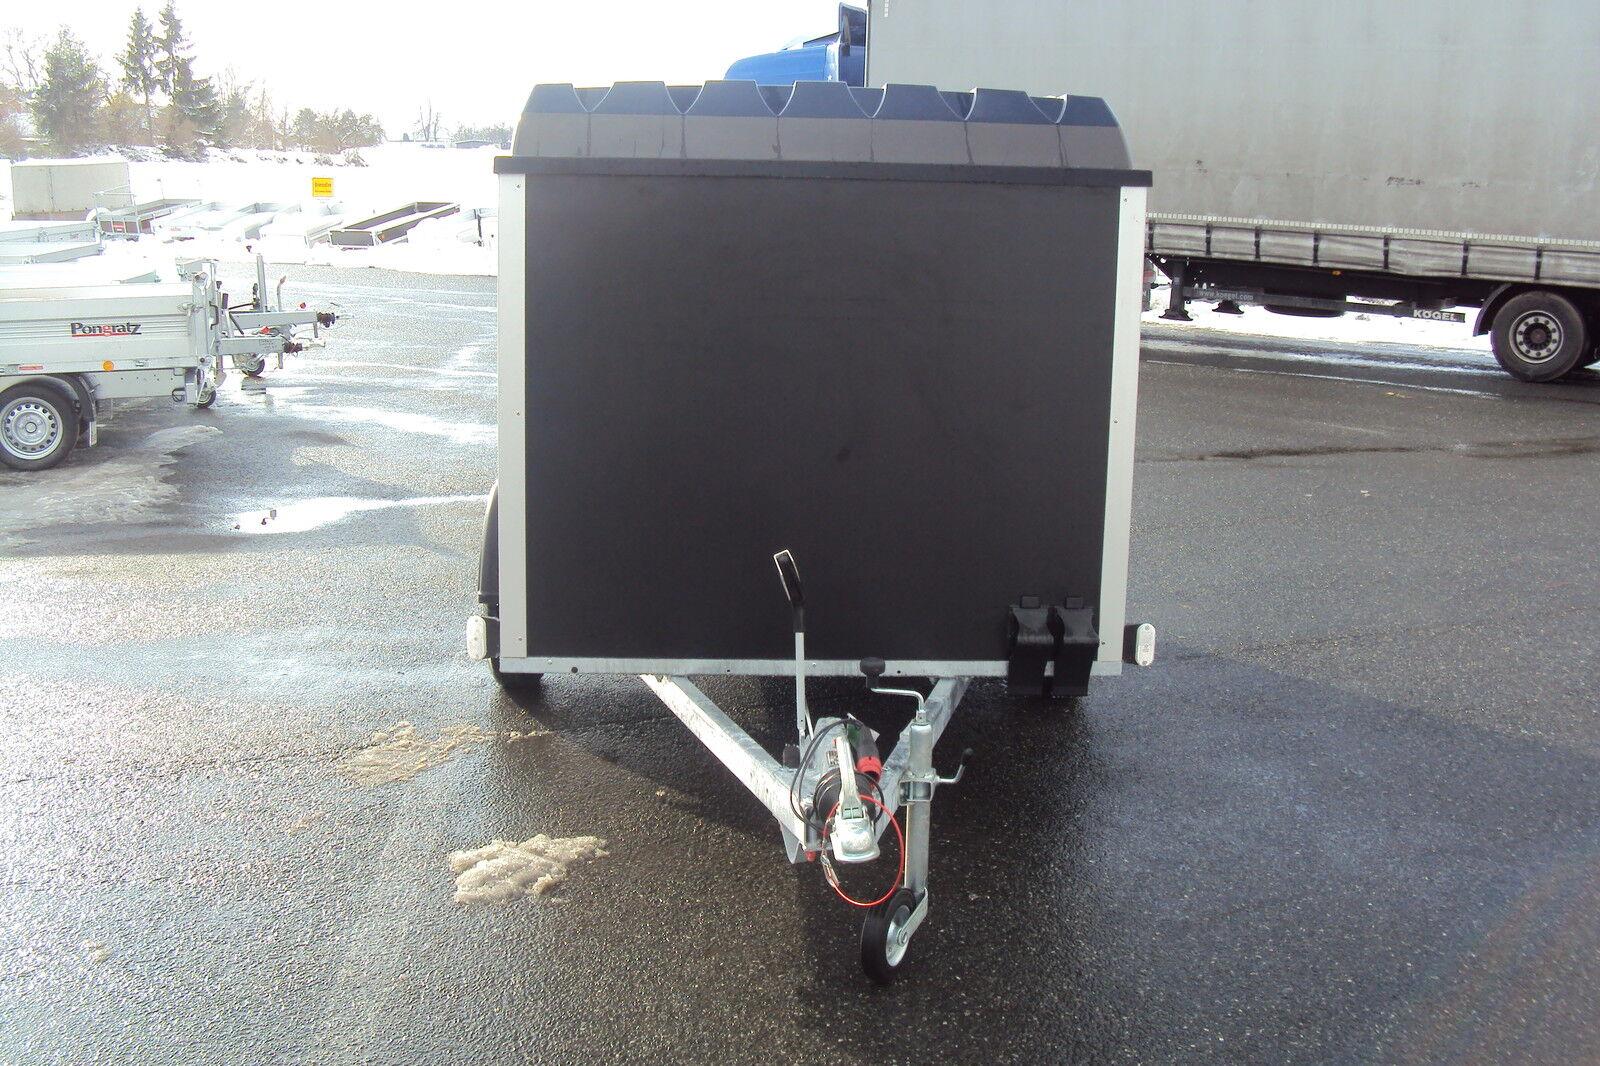 pkw motorrad anh nger vz 27 bo kofferanh mit niederfahrwerk u deckel 100 km h eur. Black Bedroom Furniture Sets. Home Design Ideas